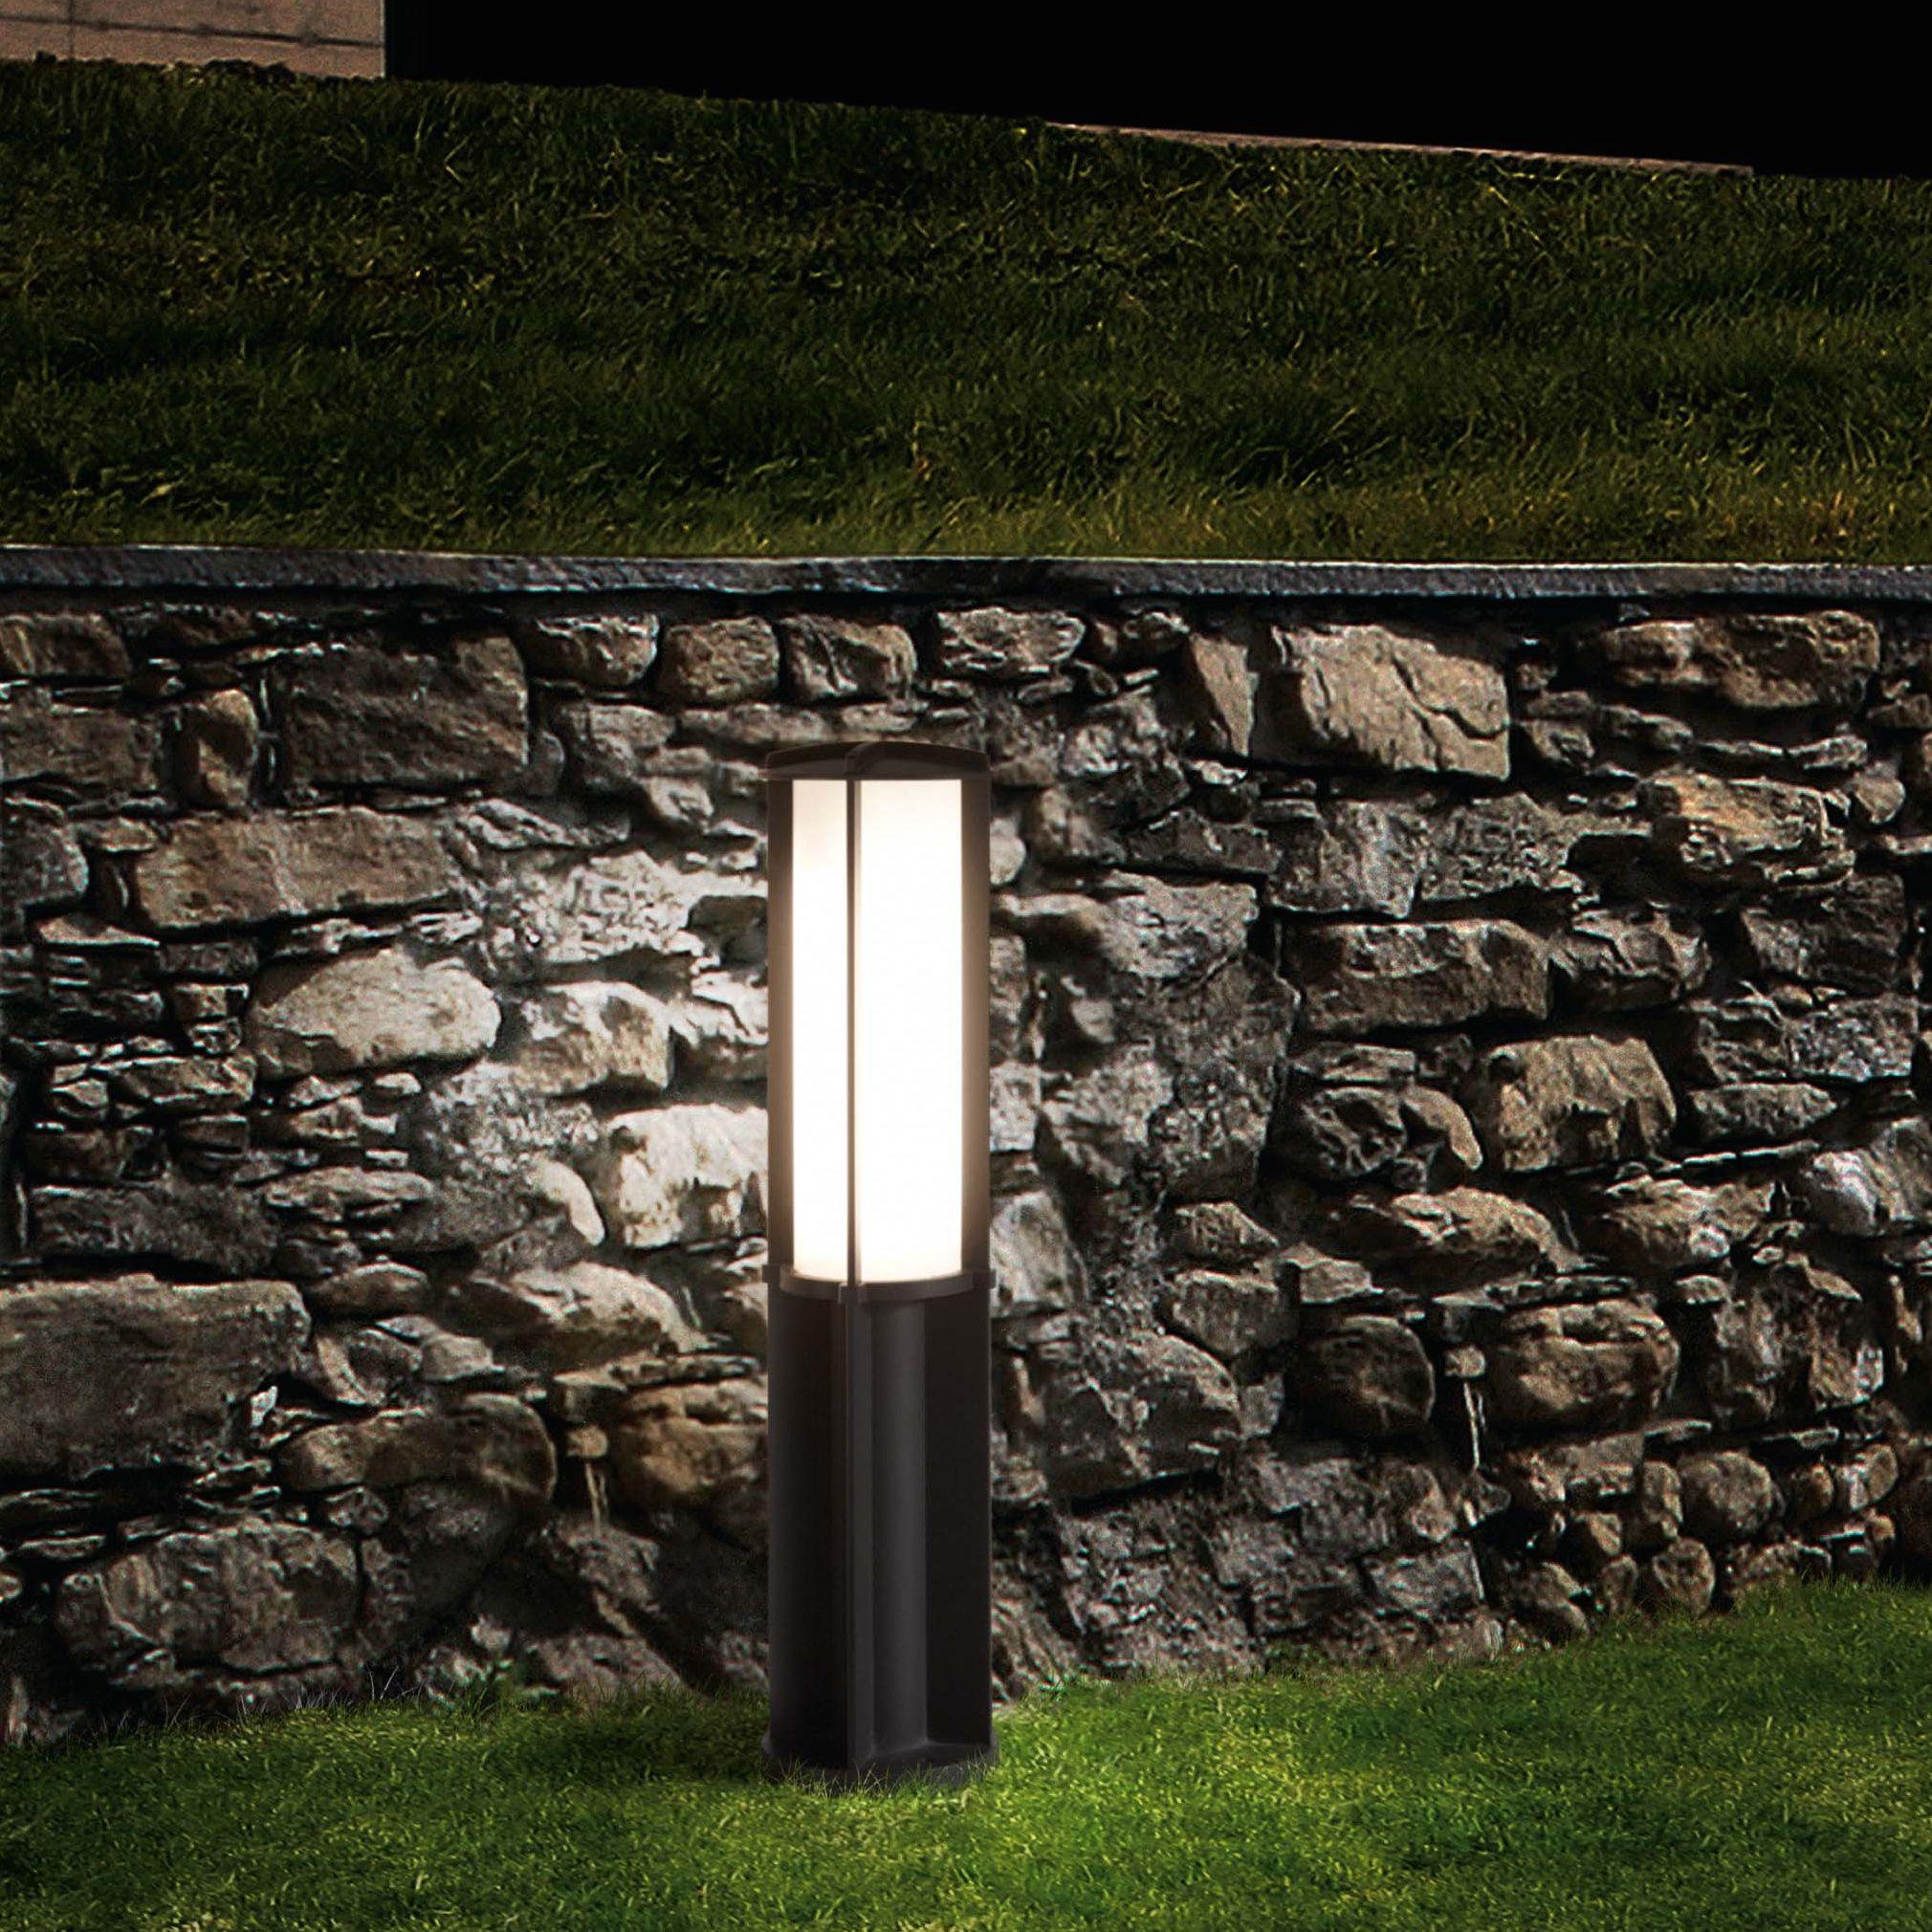 le designer manel llusca r alise pour la maison d 39 dition espagnole faro une borne d 39 ext rieur. Black Bedroom Furniture Sets. Home Design Ideas